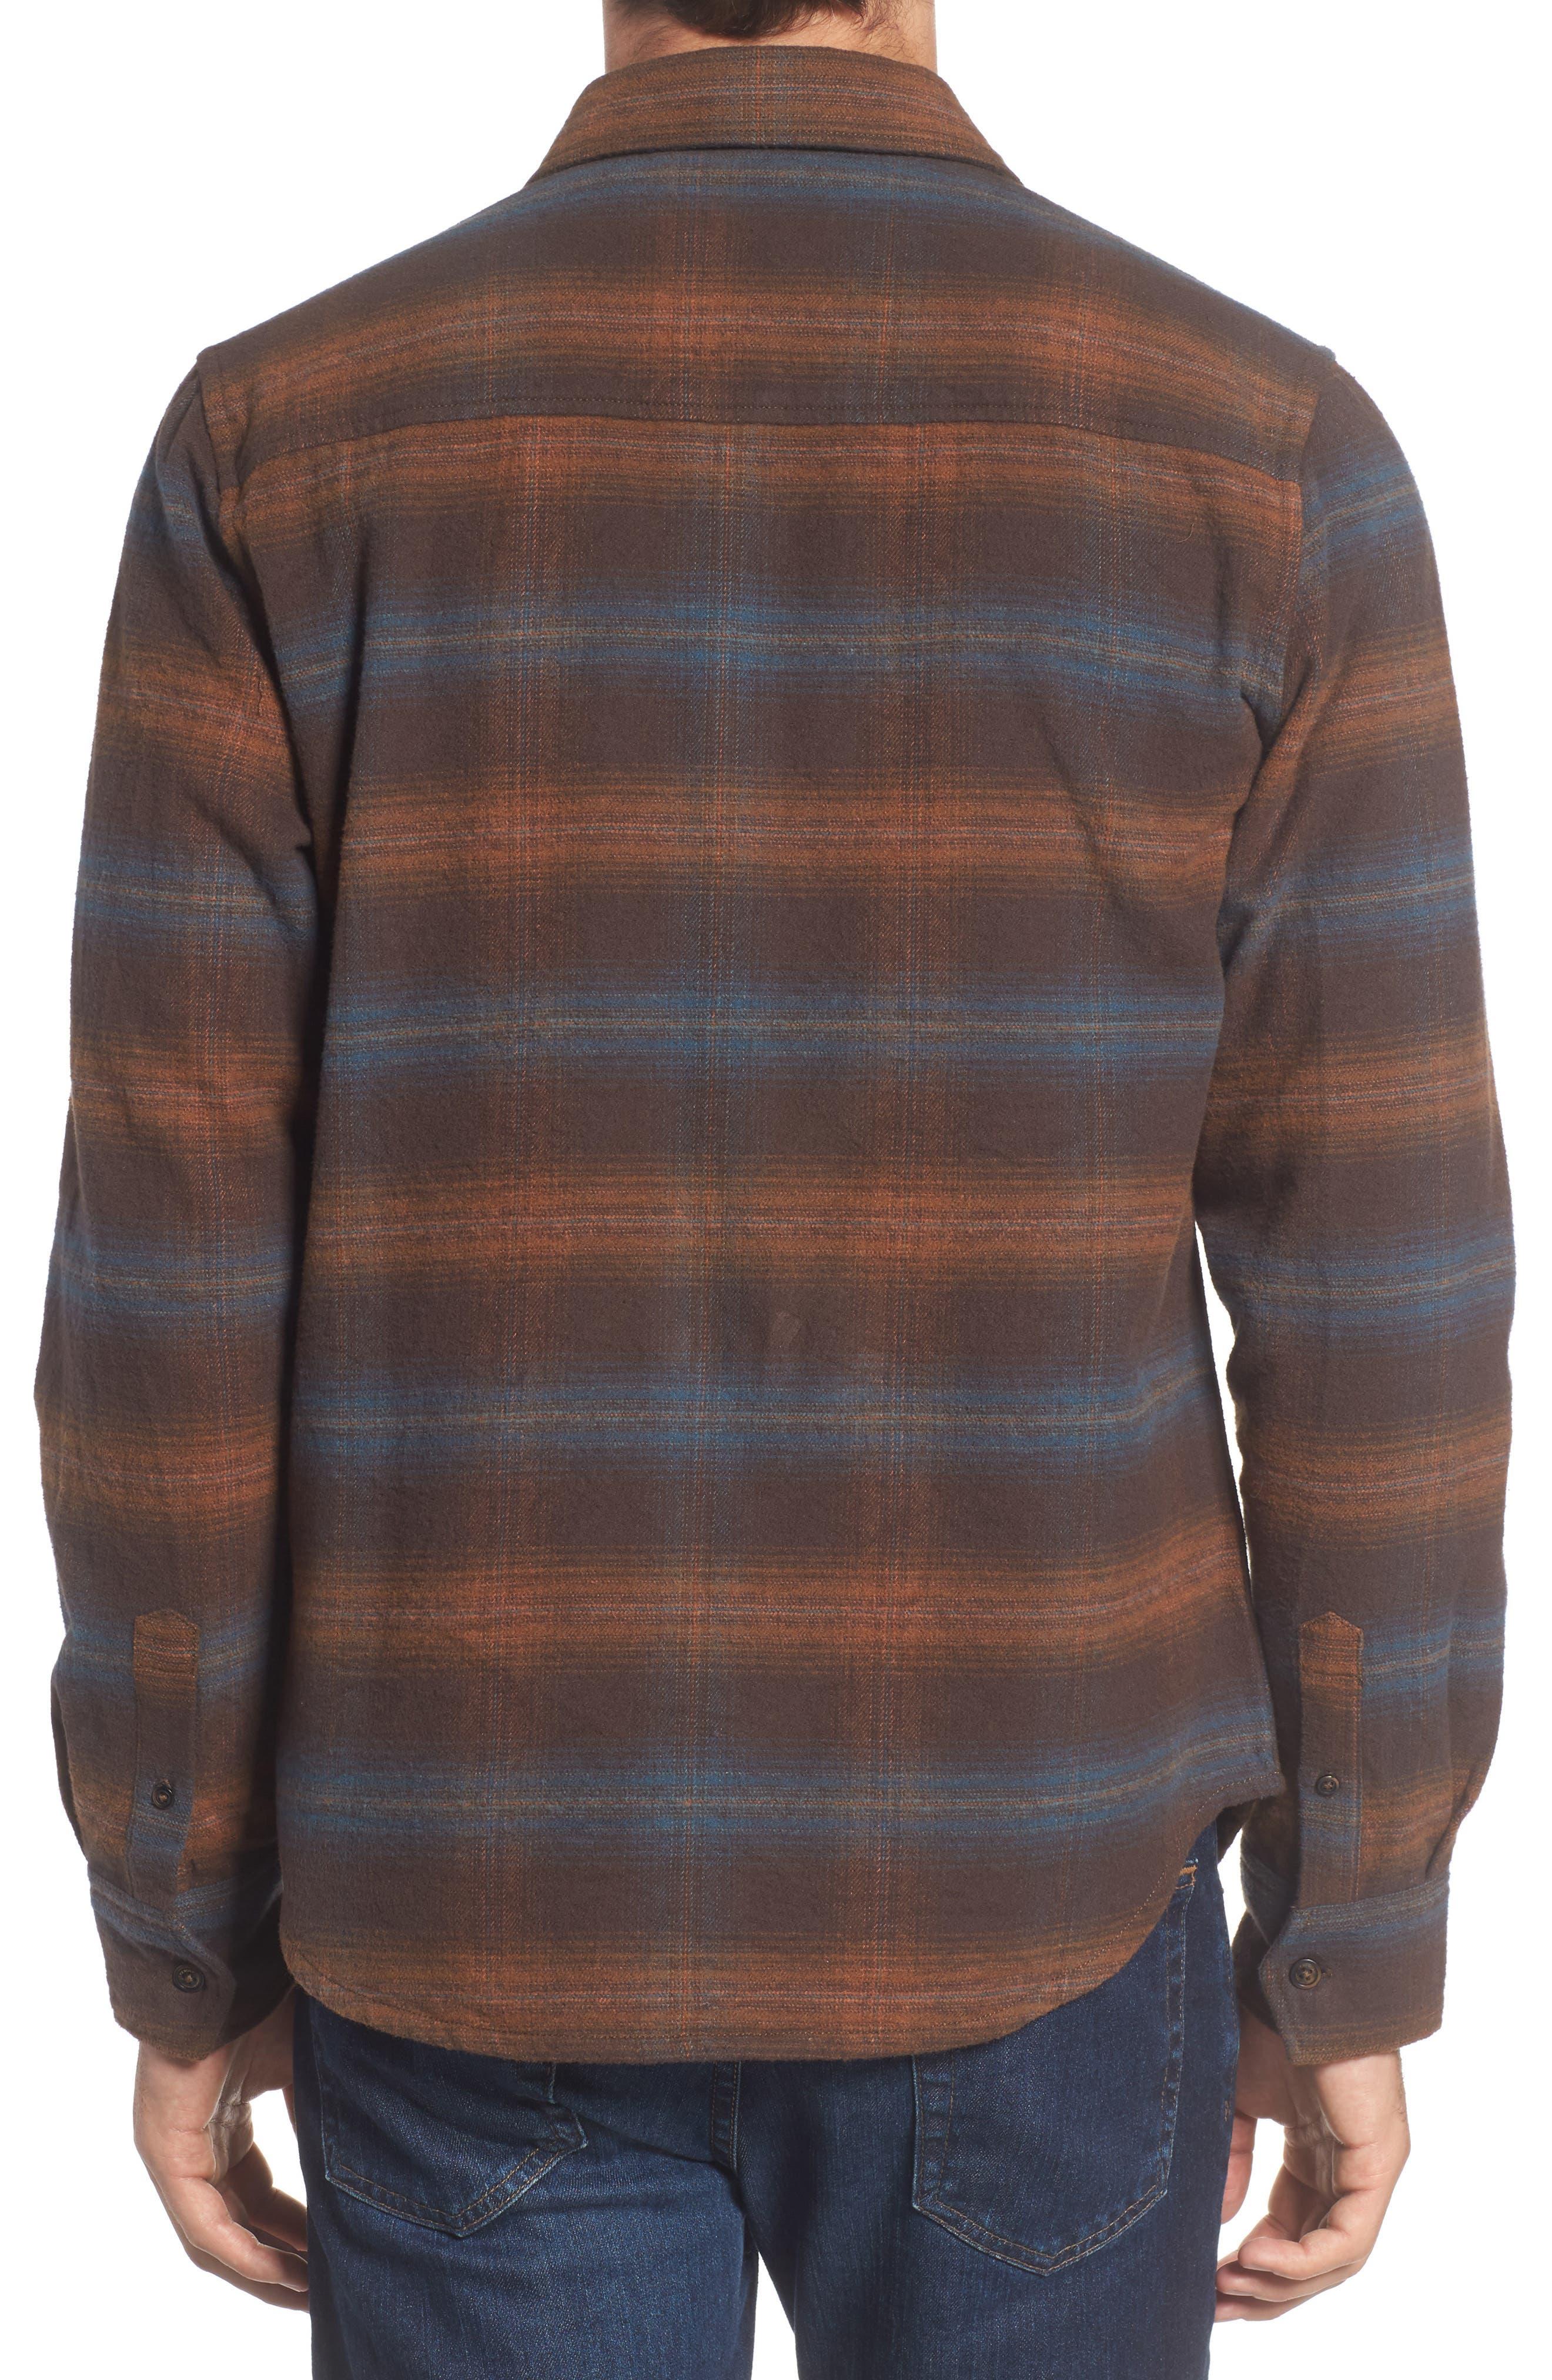 Alternate Image 2  - Jeremiah Canyon Plaid Brushed Twill Shirt